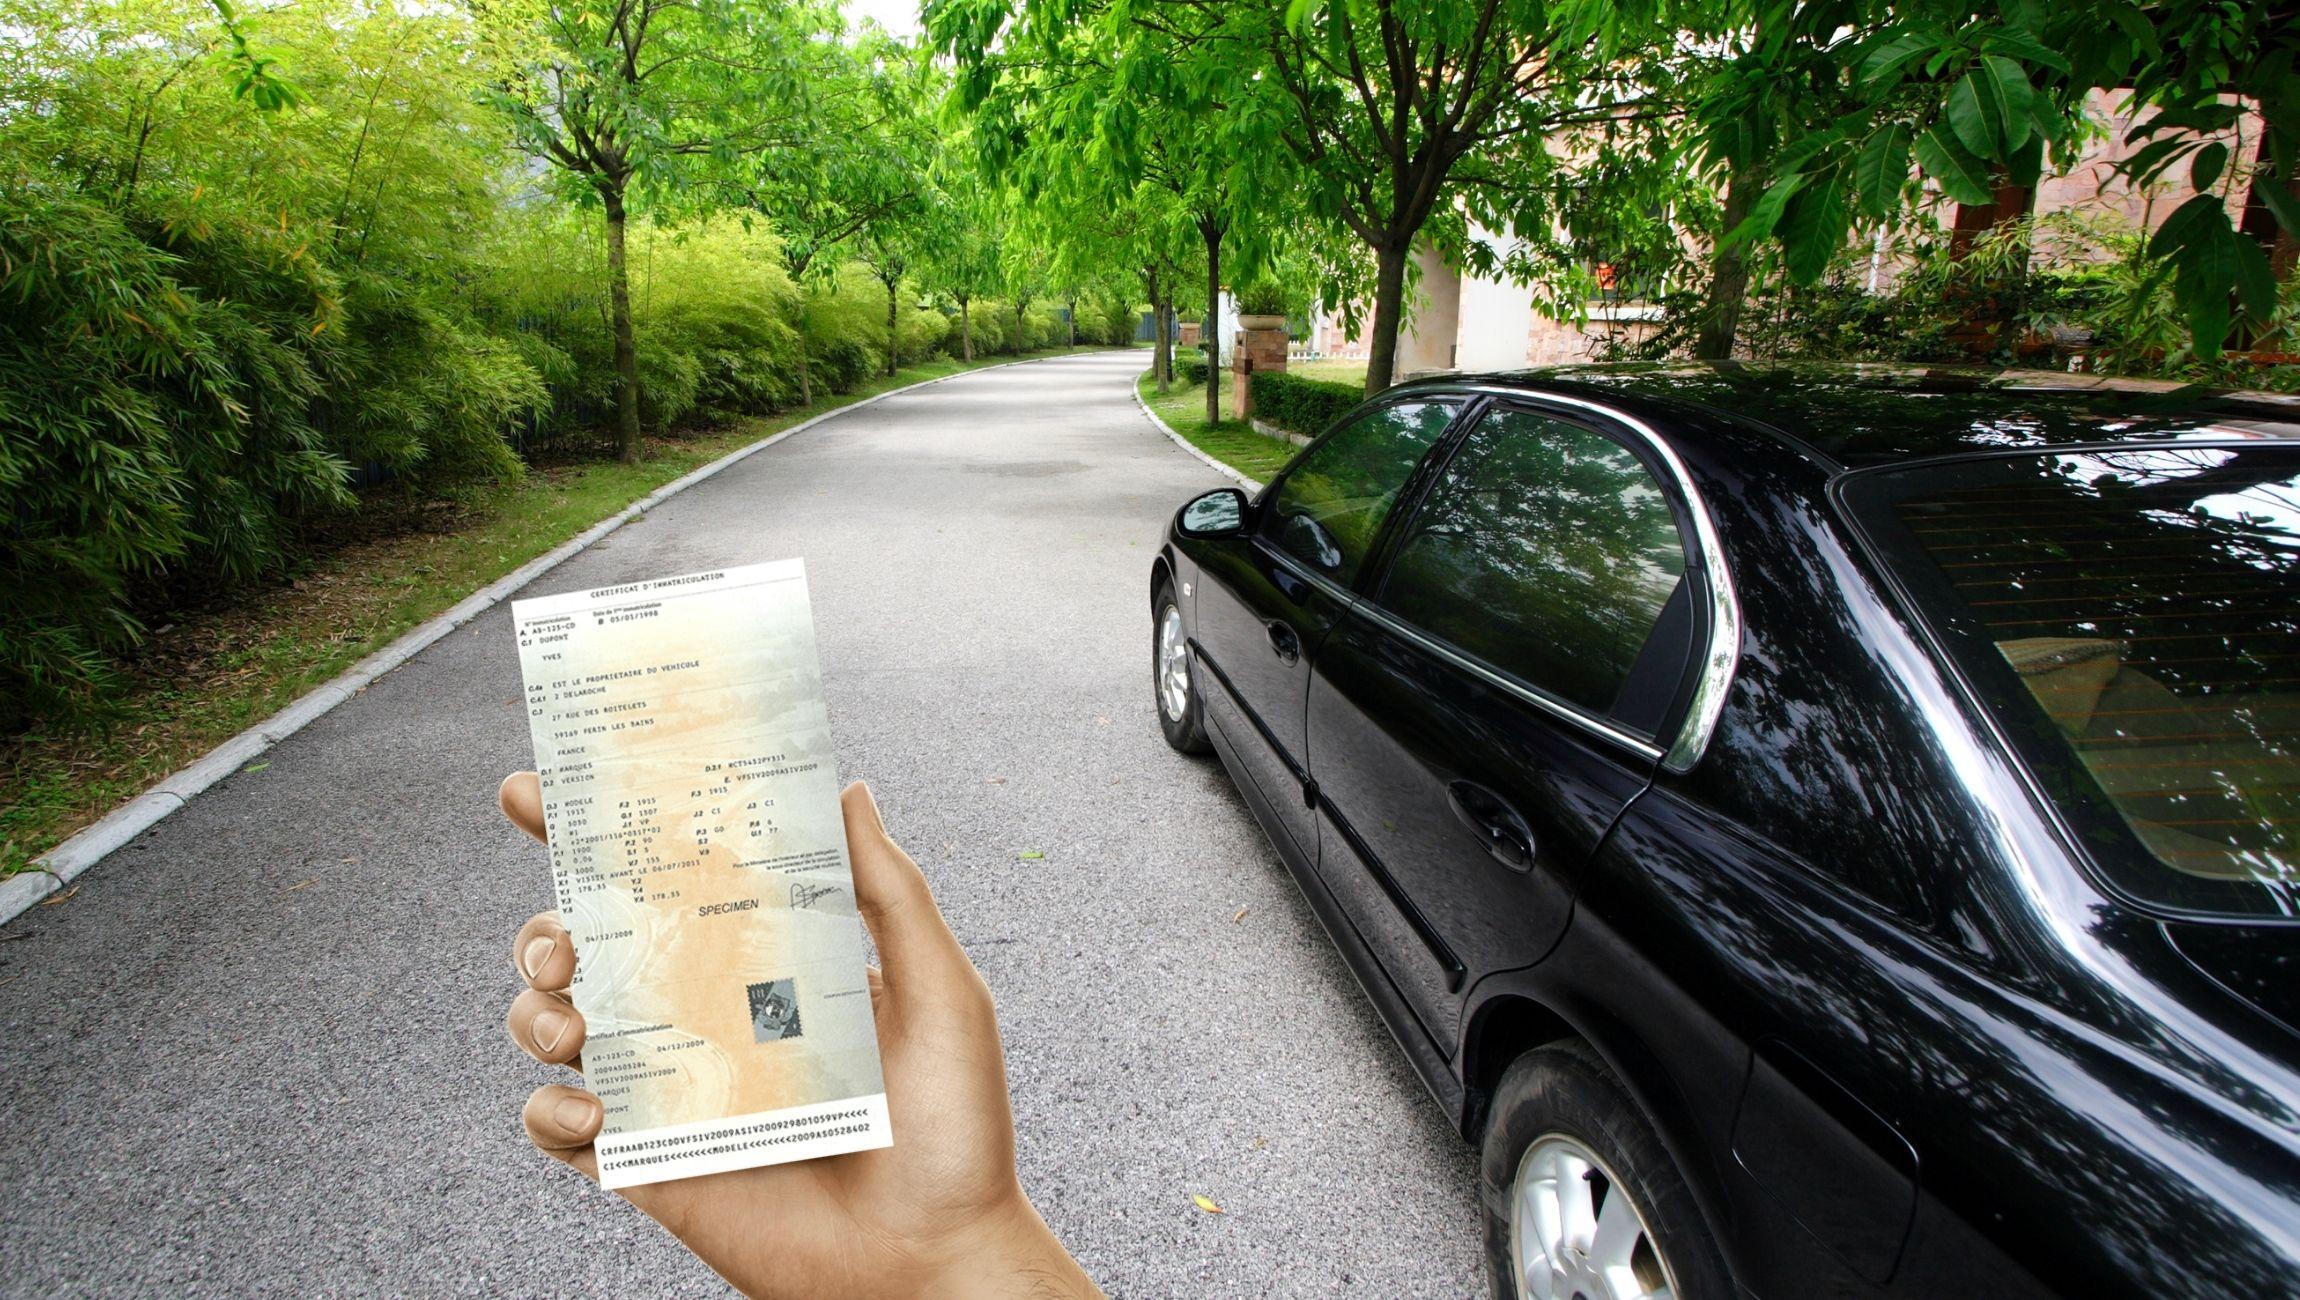 Perte carte grise avant vente d'un véhicule : que faire ?